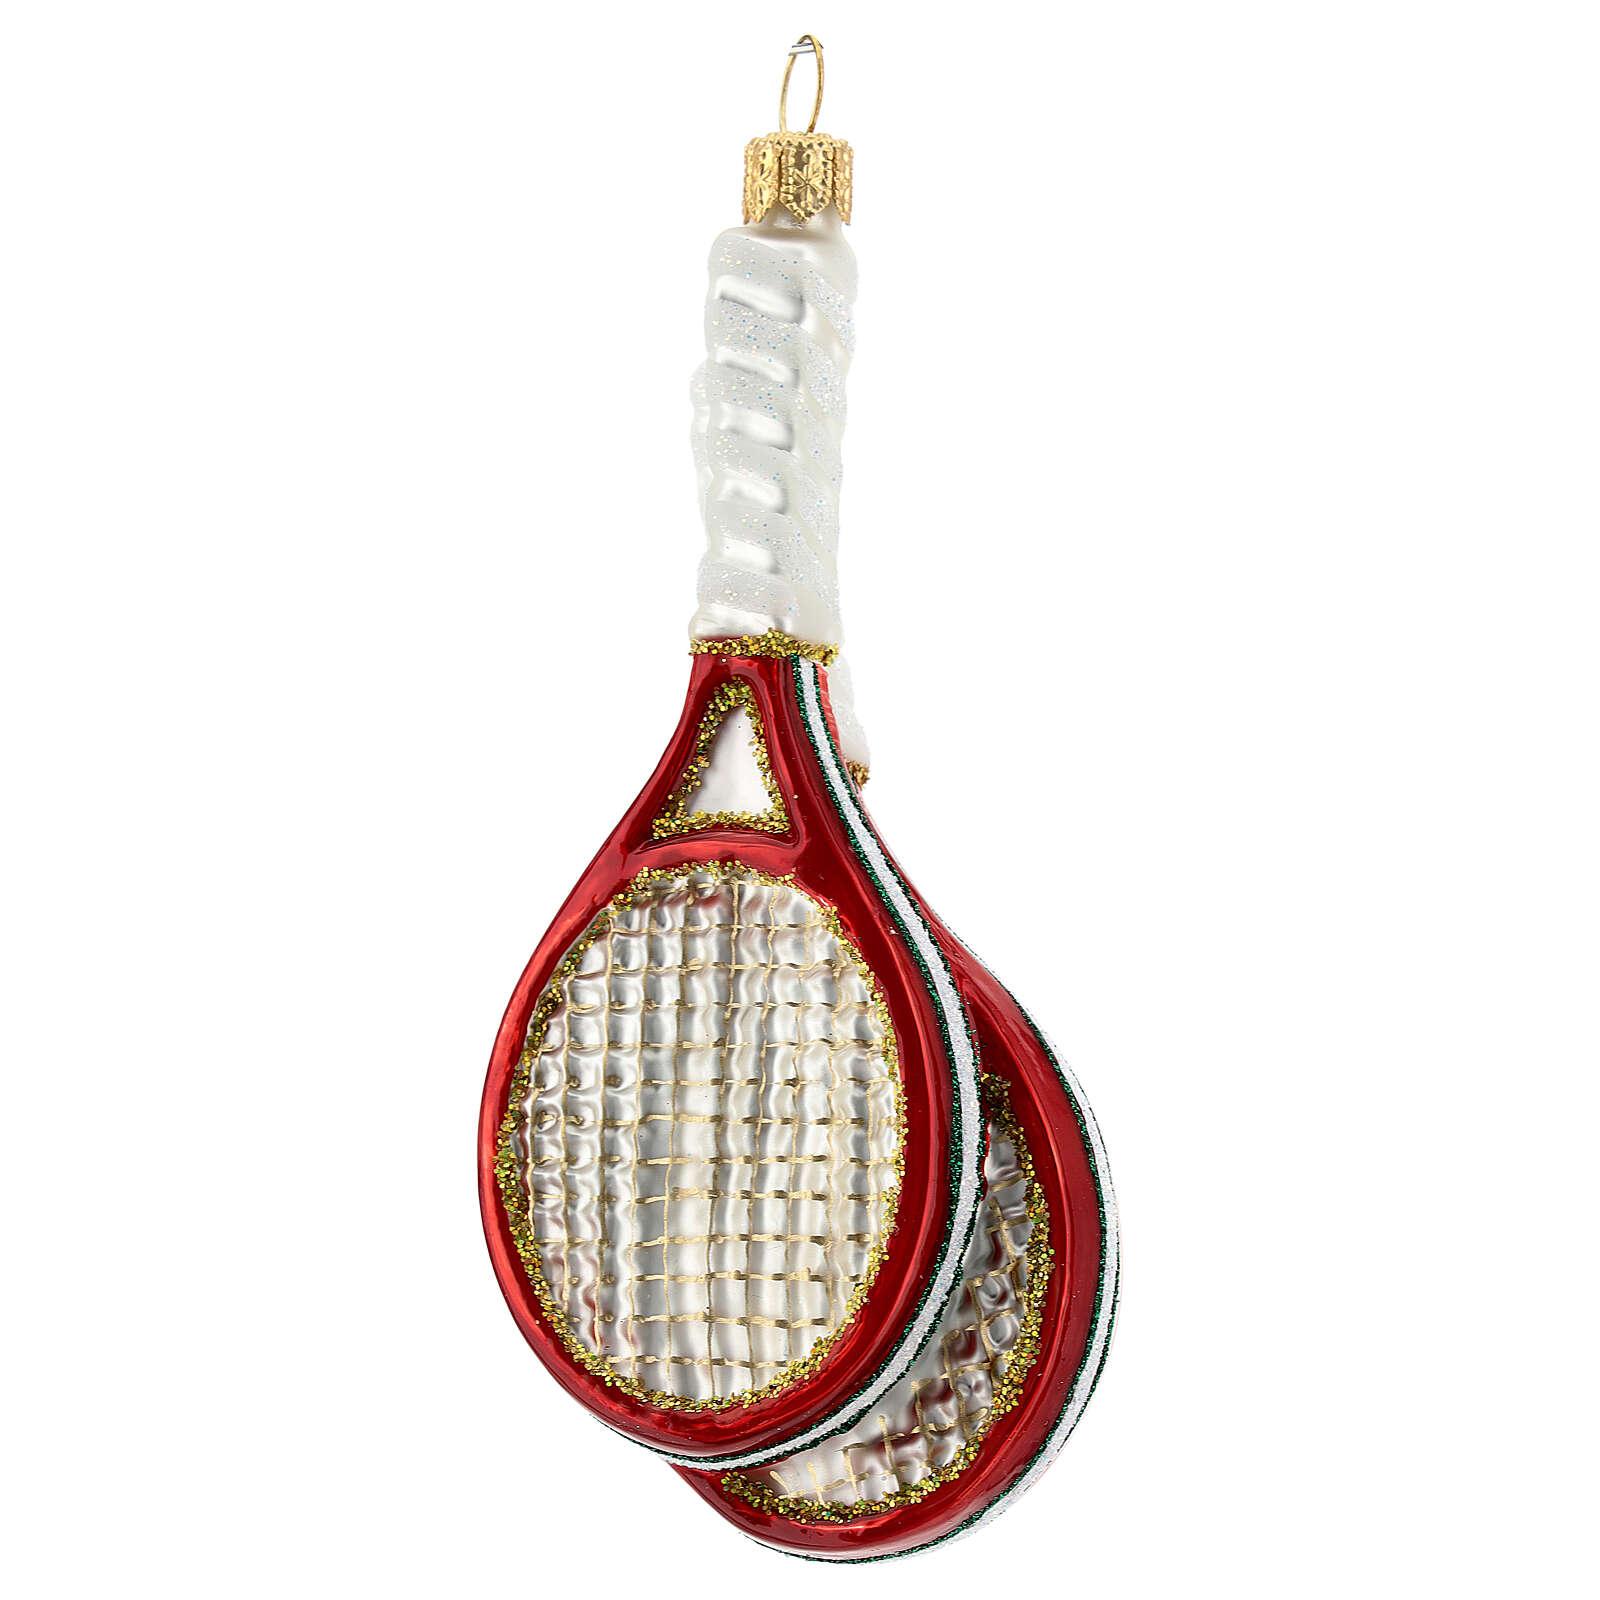 Raquetas de tenis y pelota decoración vidrio soplado árbol Navidad 4